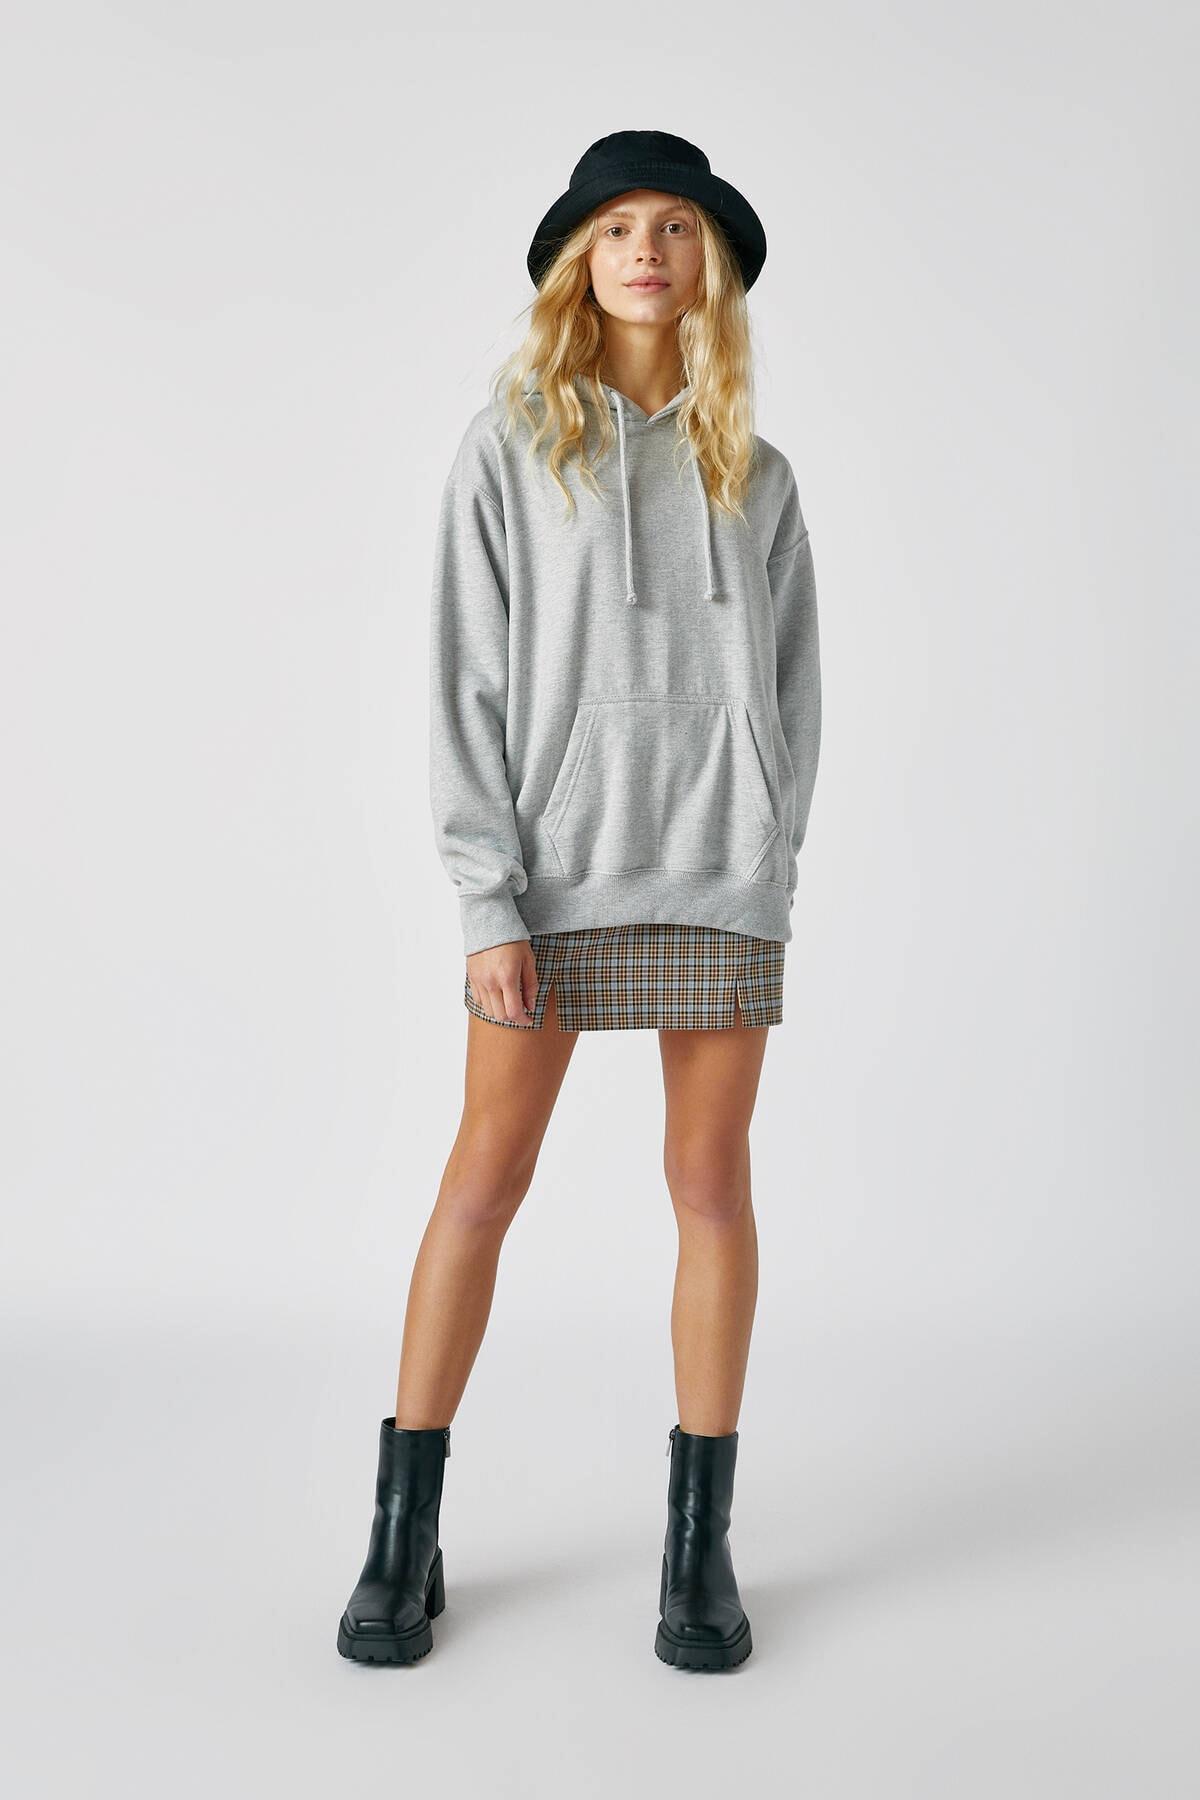 Pull & Bear Kadın Orta Melanj Basic Uzun Kollu Kapüşonlu Sweatshirt 09594301 1